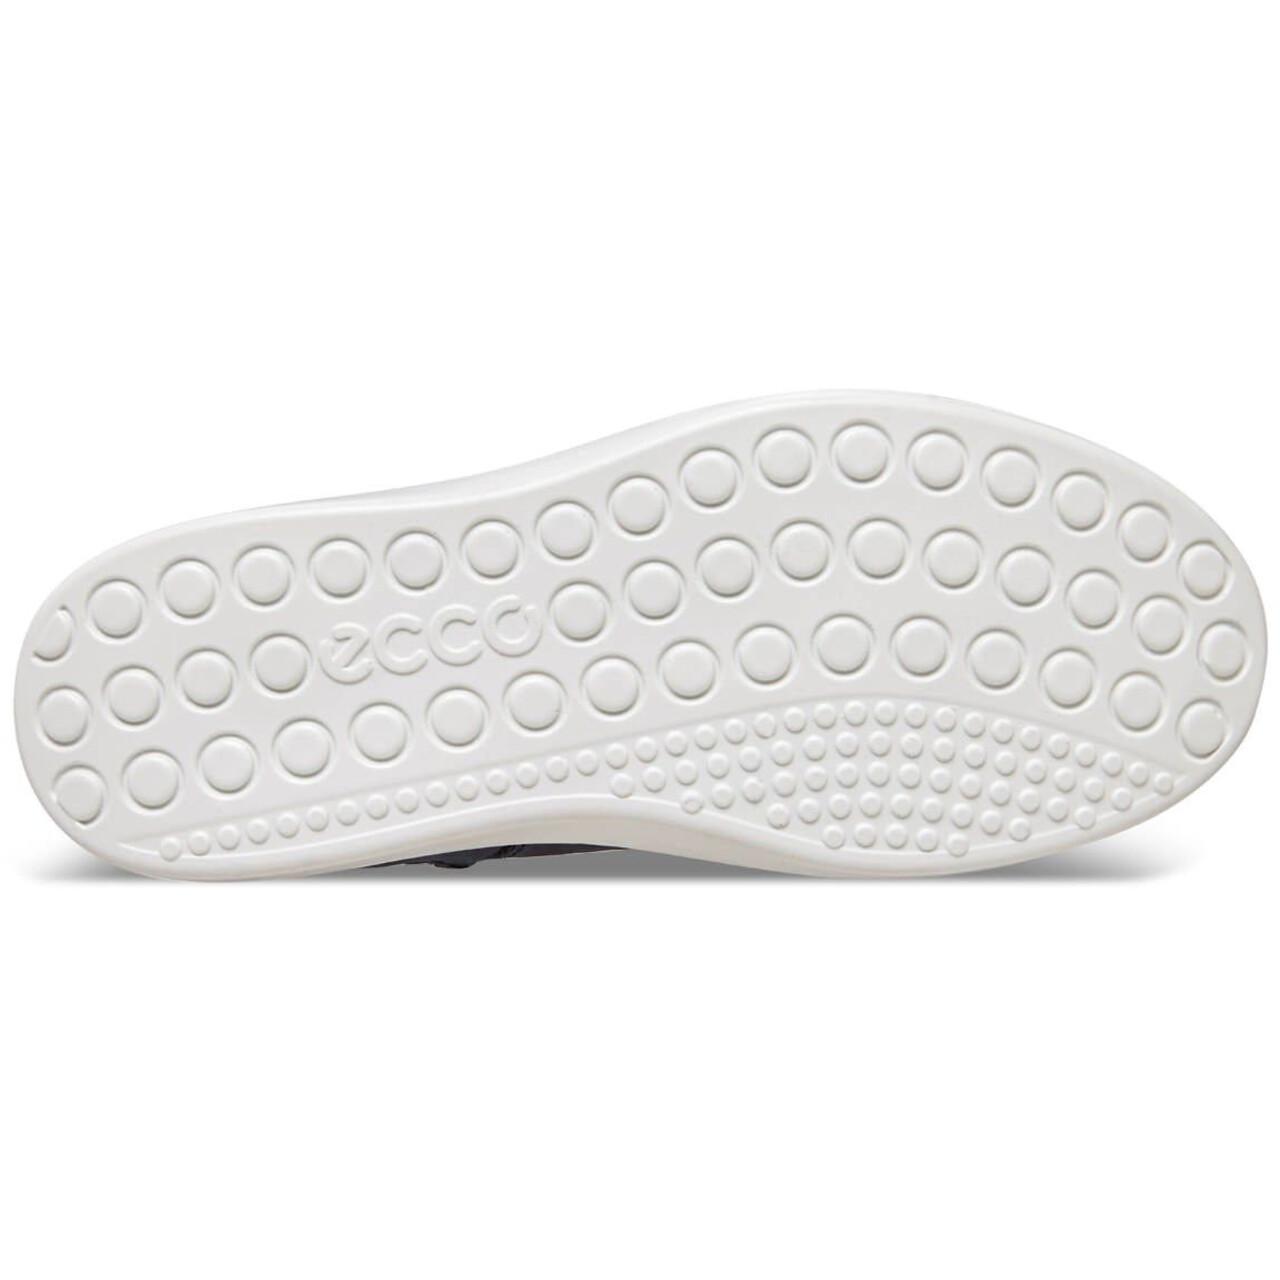 ECCO S7 Teen Sko Børn blå | Find outdoortøj, sko & udstyr på nettet | CAMPZ.dk